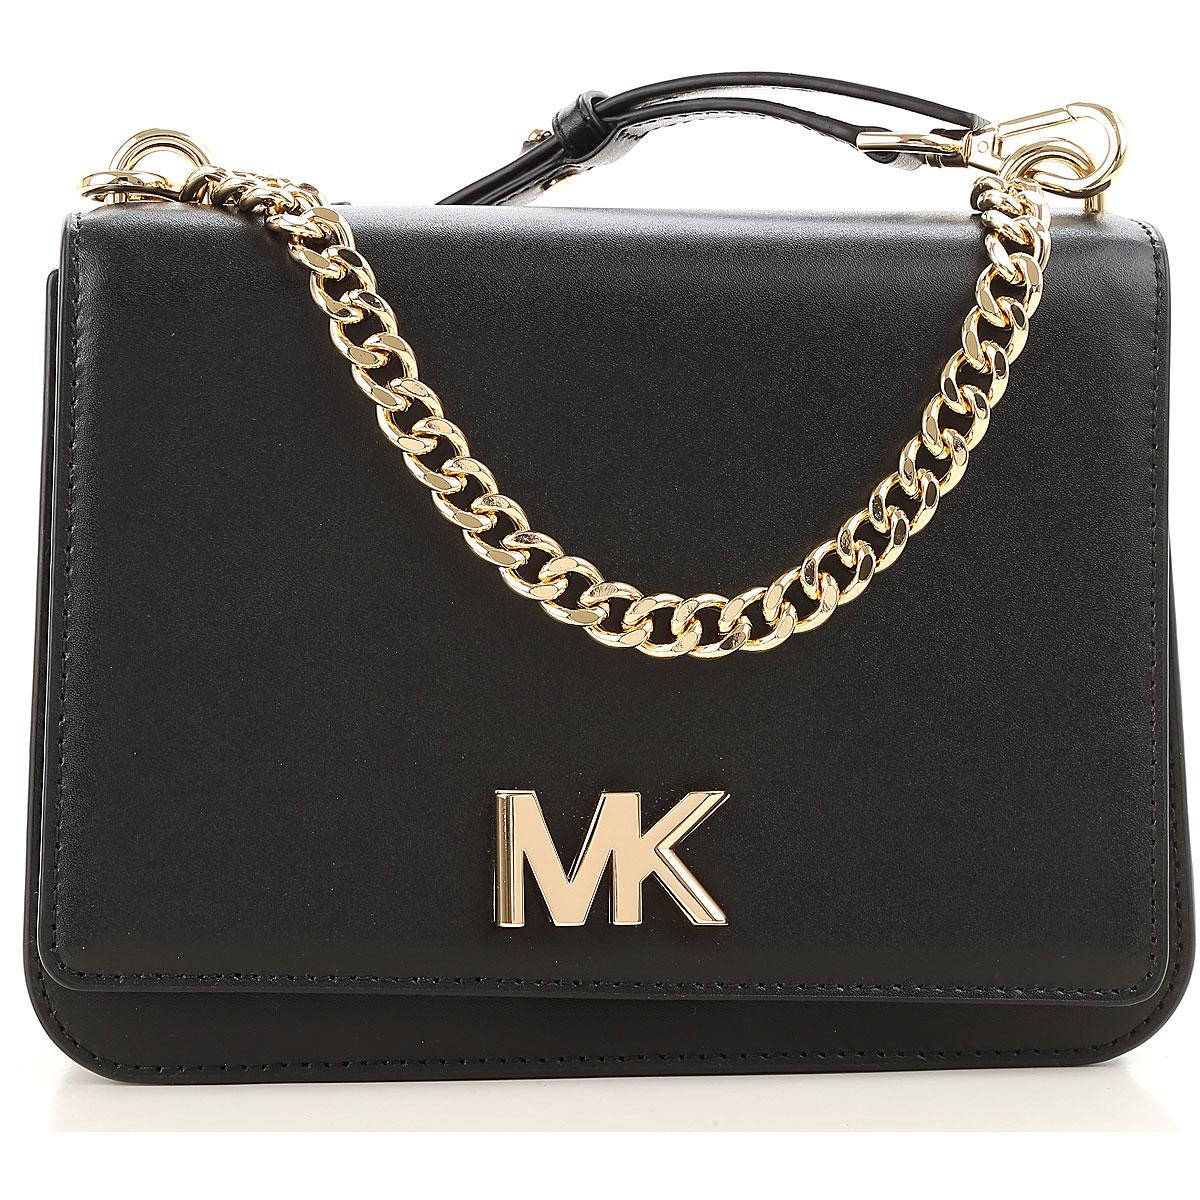 Michael Kors Shoulder Bag for Women, Black, Leather, 2019